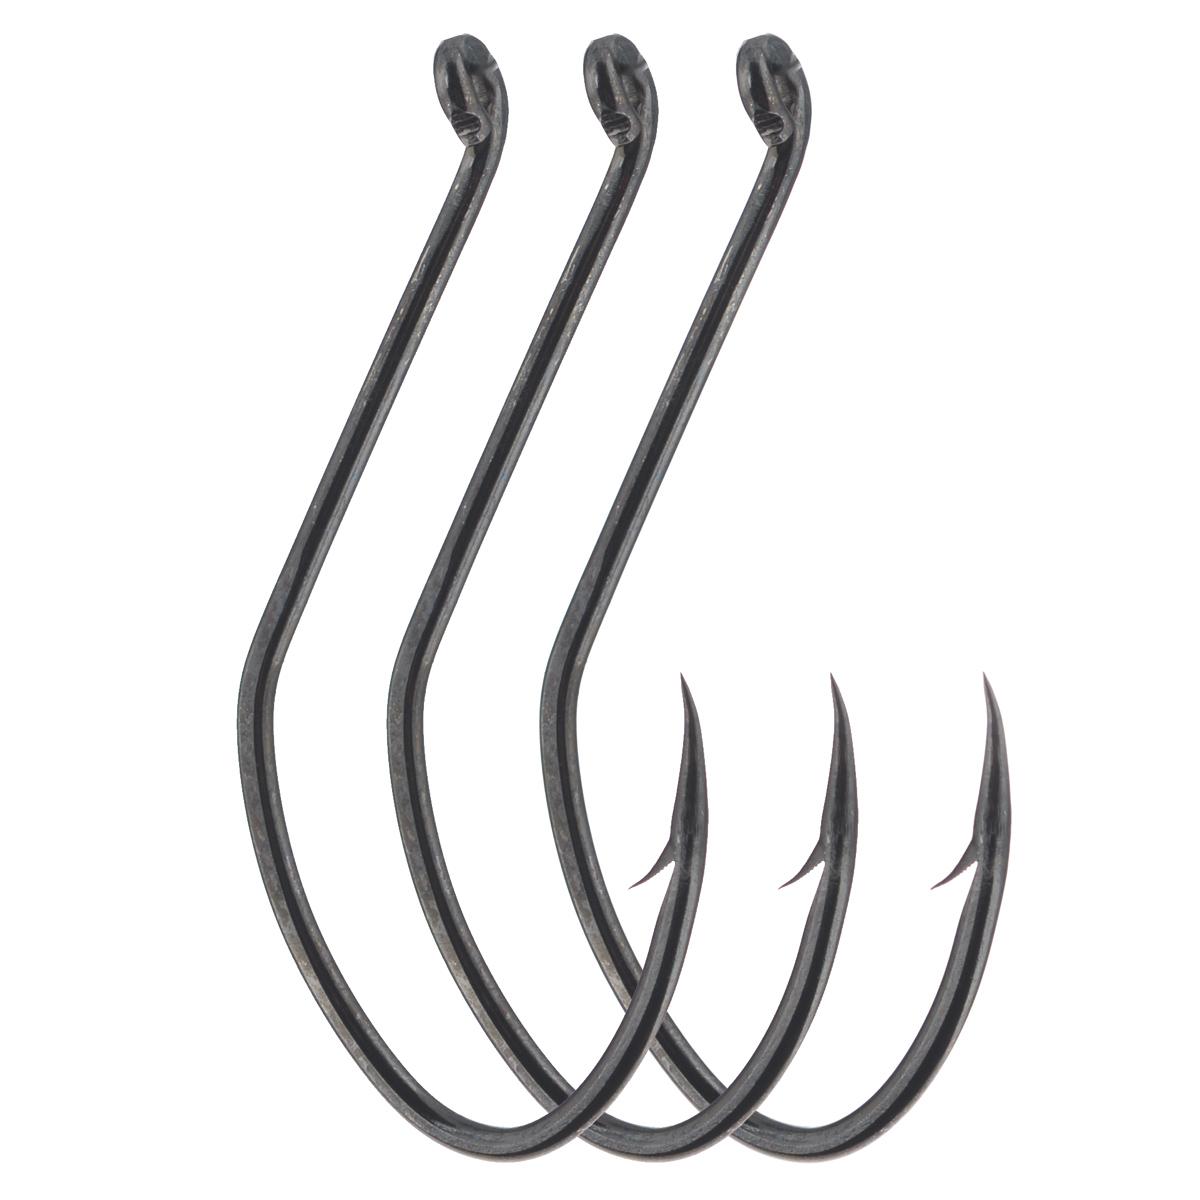 Крючки рыболовные Cobra Catfish, цвет: черный, размер 8/0, 3 штФуфайка Verticale FELXПрочные крючки Cobra Catfish для ловли трофейной рыбы, прекрасно удерживает различные насадки. Данные крючки хорошо себя зарекомендовали при ловле на живую насадку - своим весом они не стесняют ее движений. Благодаря специальной заточке жала, крючок легко пробивает прочную хрящевую и костную ткань. Чуть отогнутое назад колечко позволяет привязывать крючок к леске различными способами.